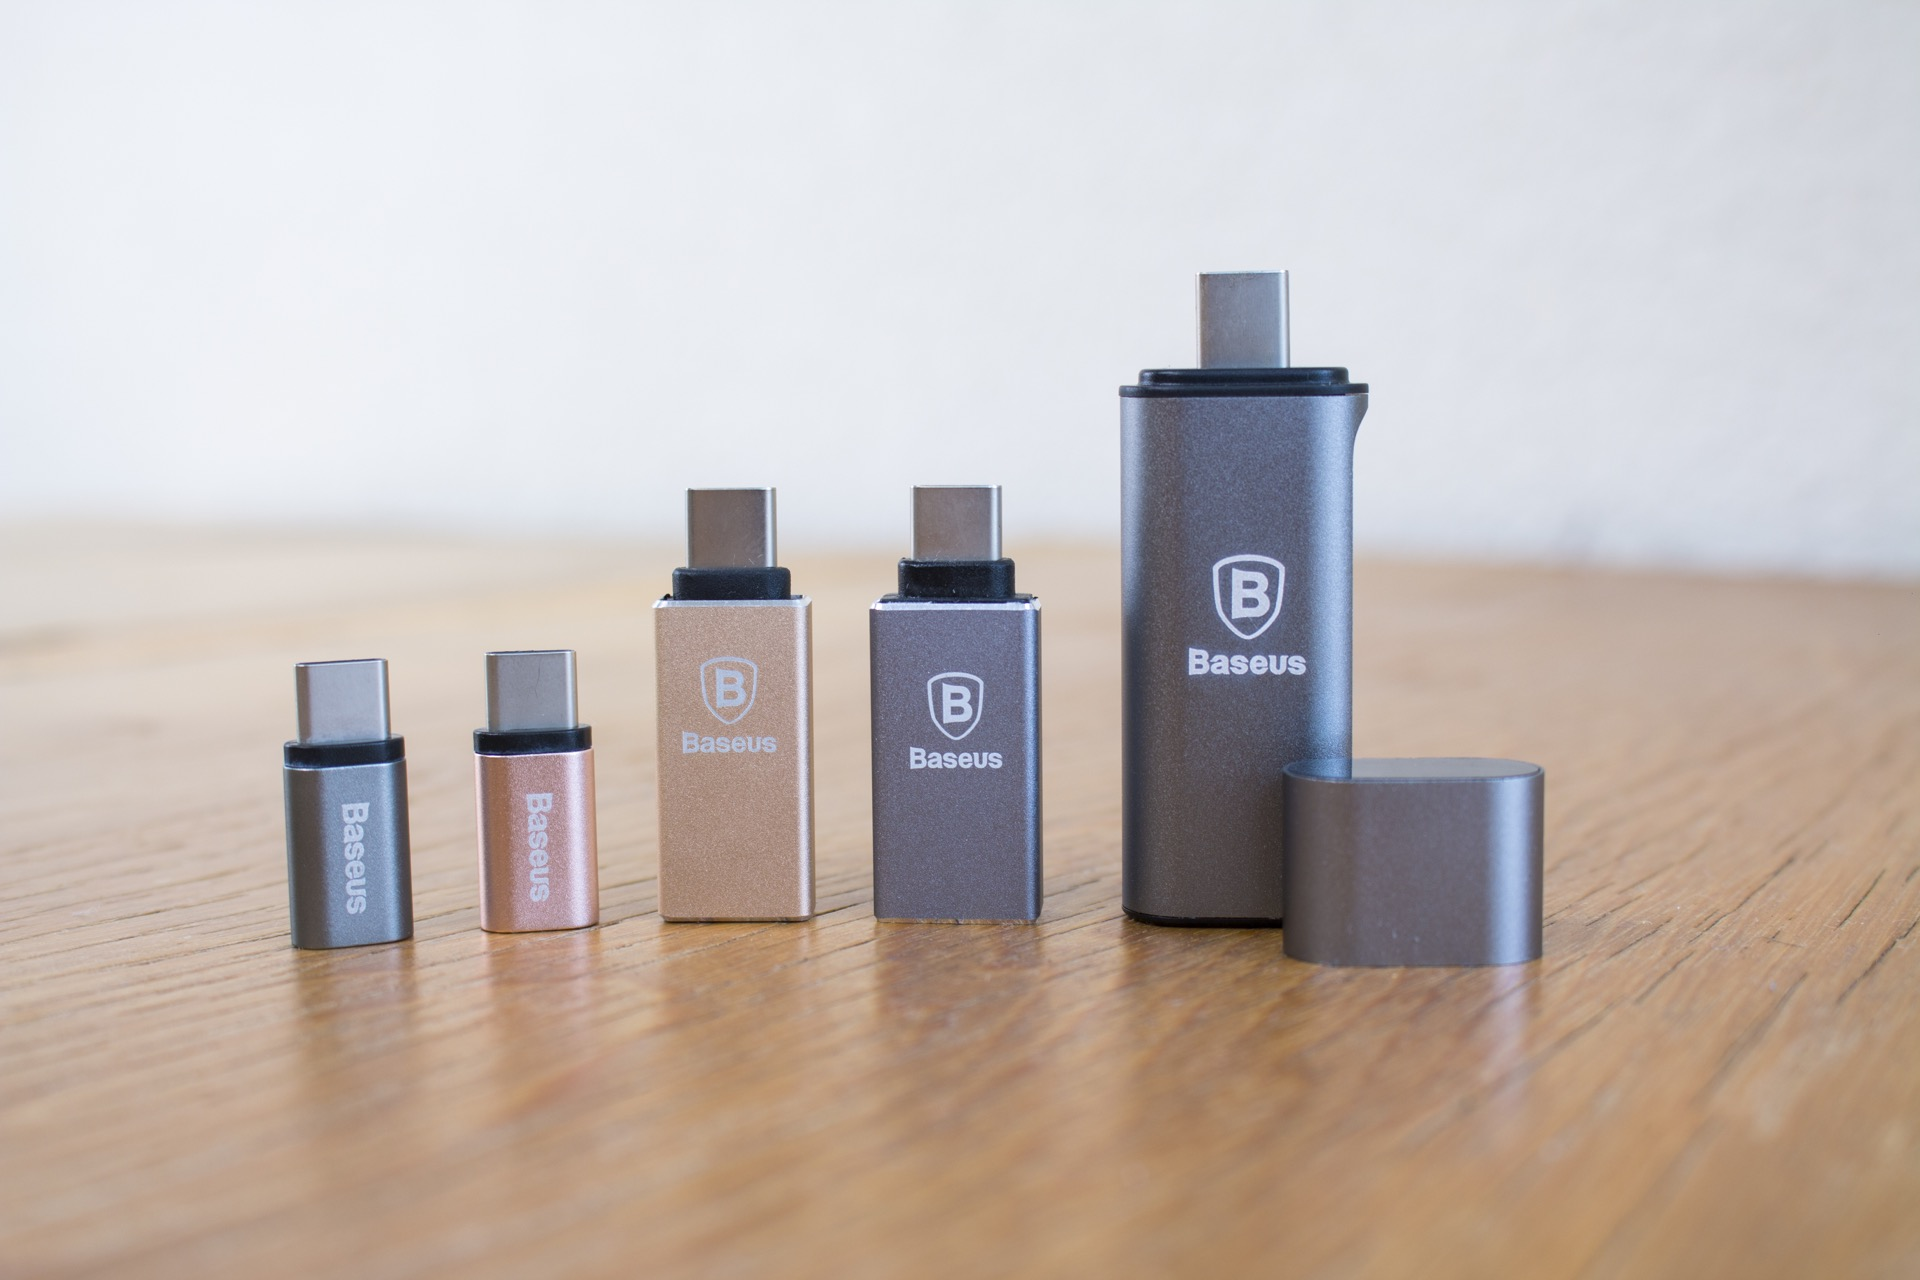 Acessórios USB-C, da Baseus